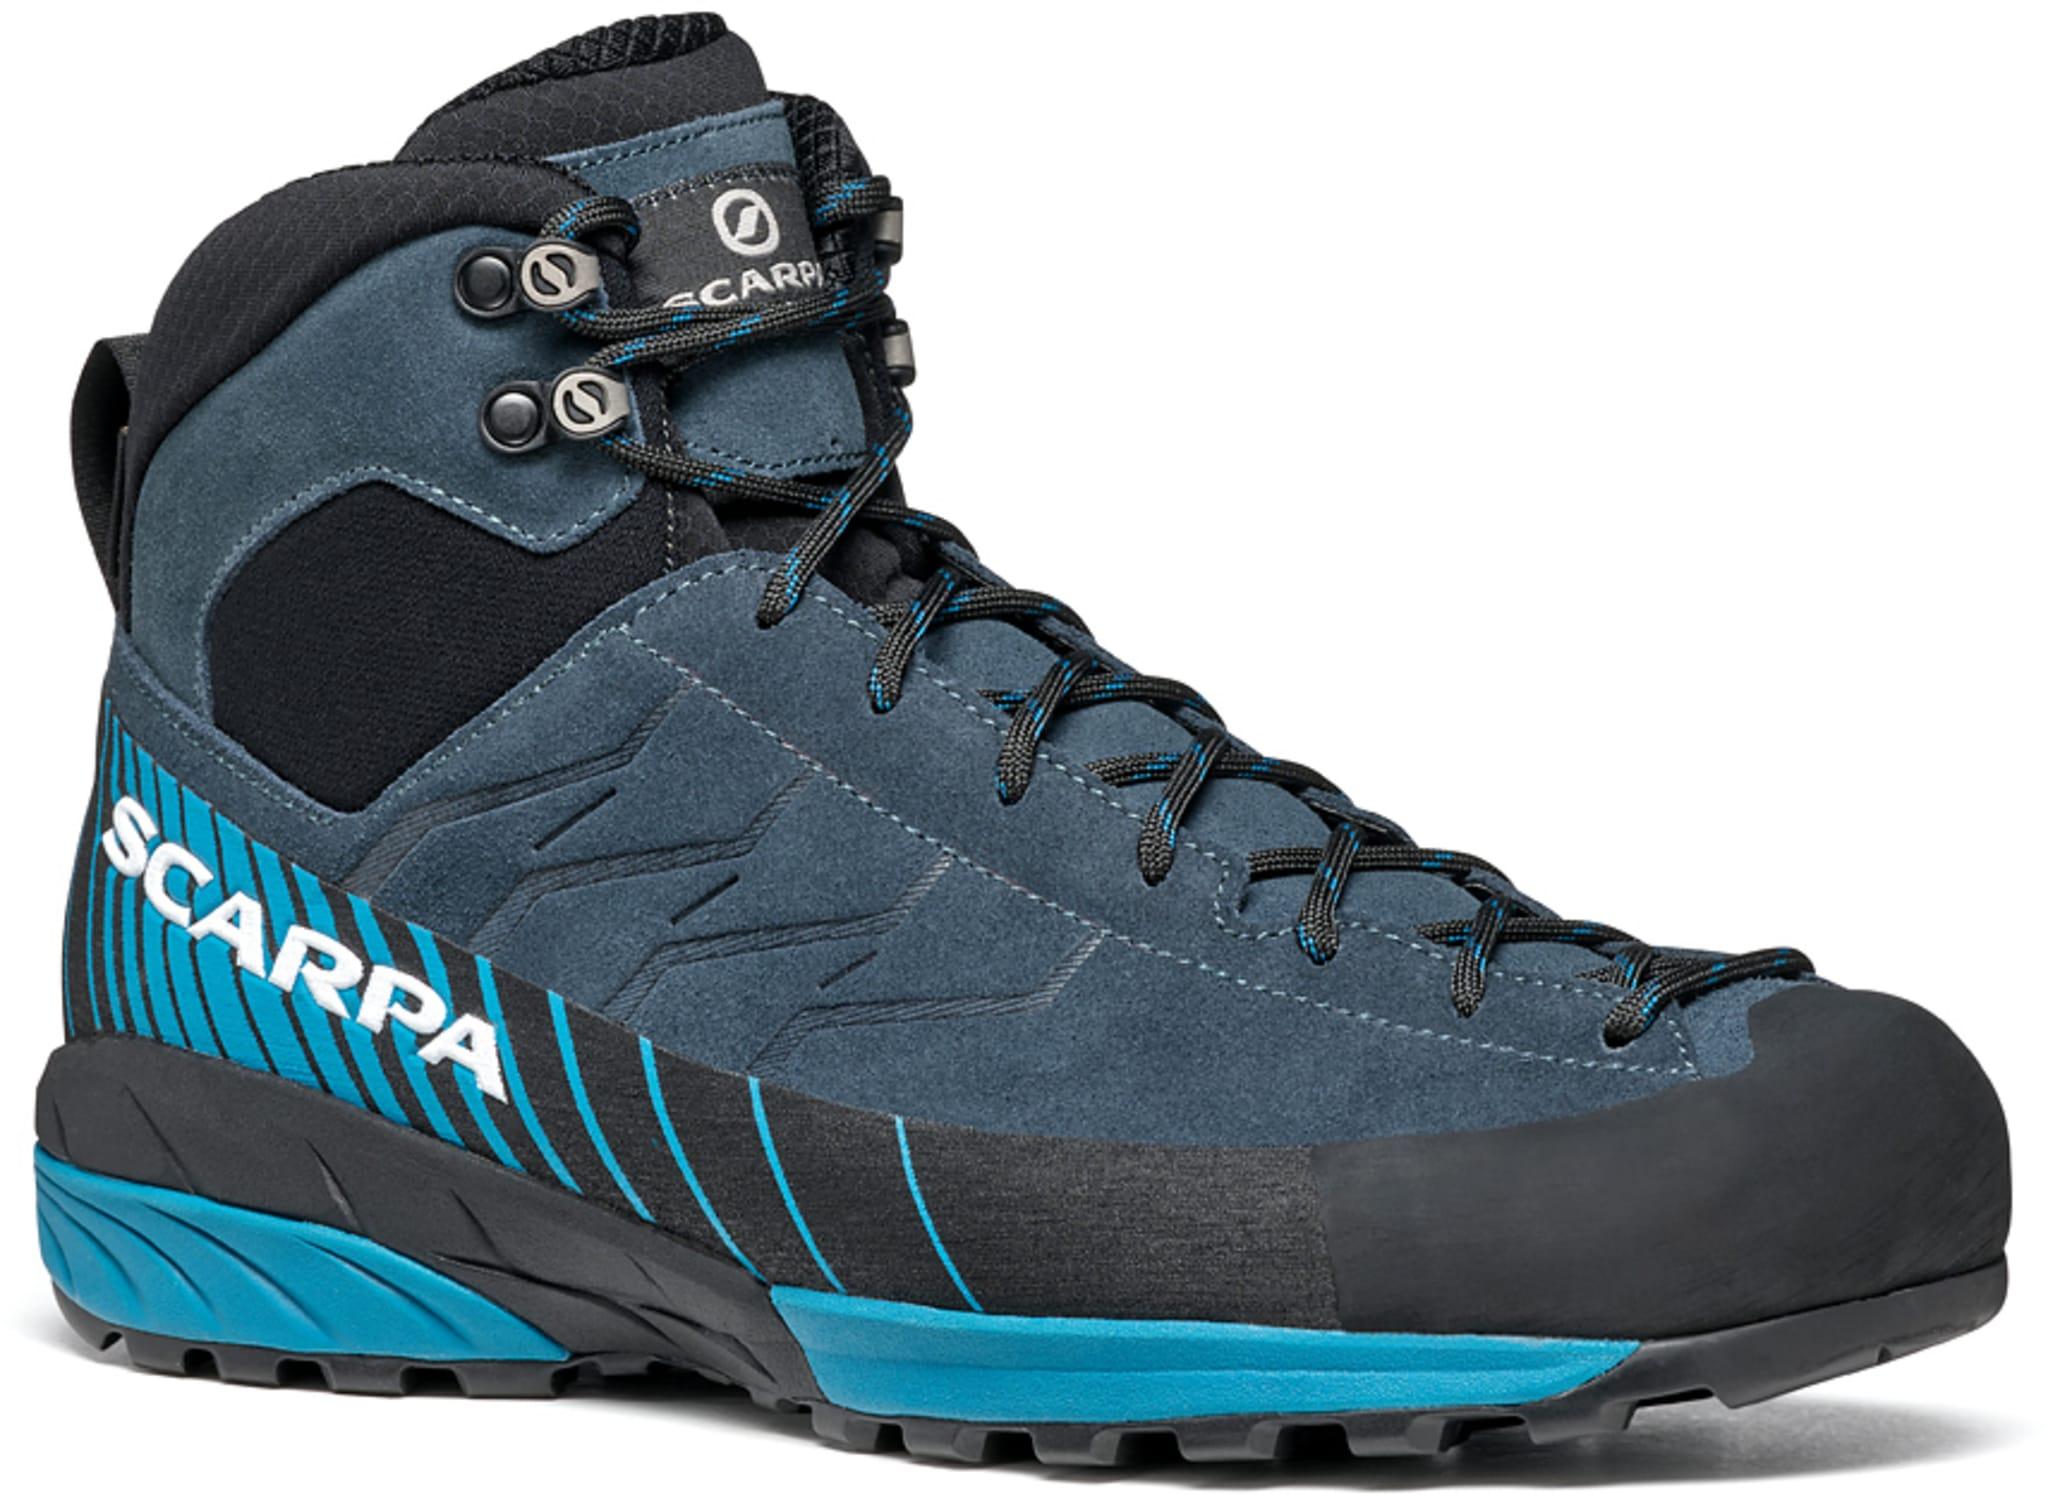 Teknisk og vanntett sko med Gore-Tex for anmarsjer, via-ferrata og lette fotturer